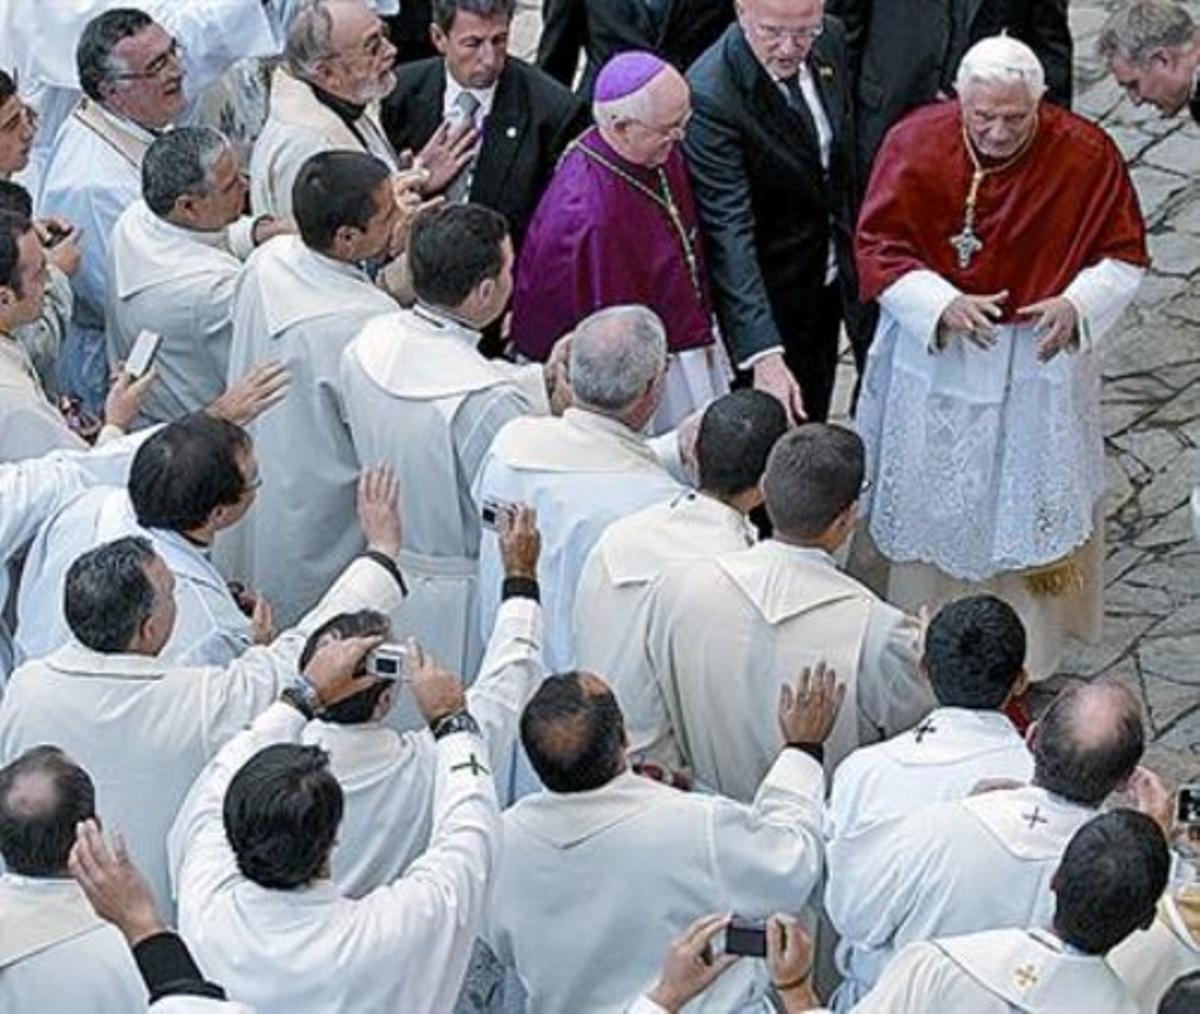 Un grupo de religiosos aclaman y fotografían al Papa, ayer en Santiago.